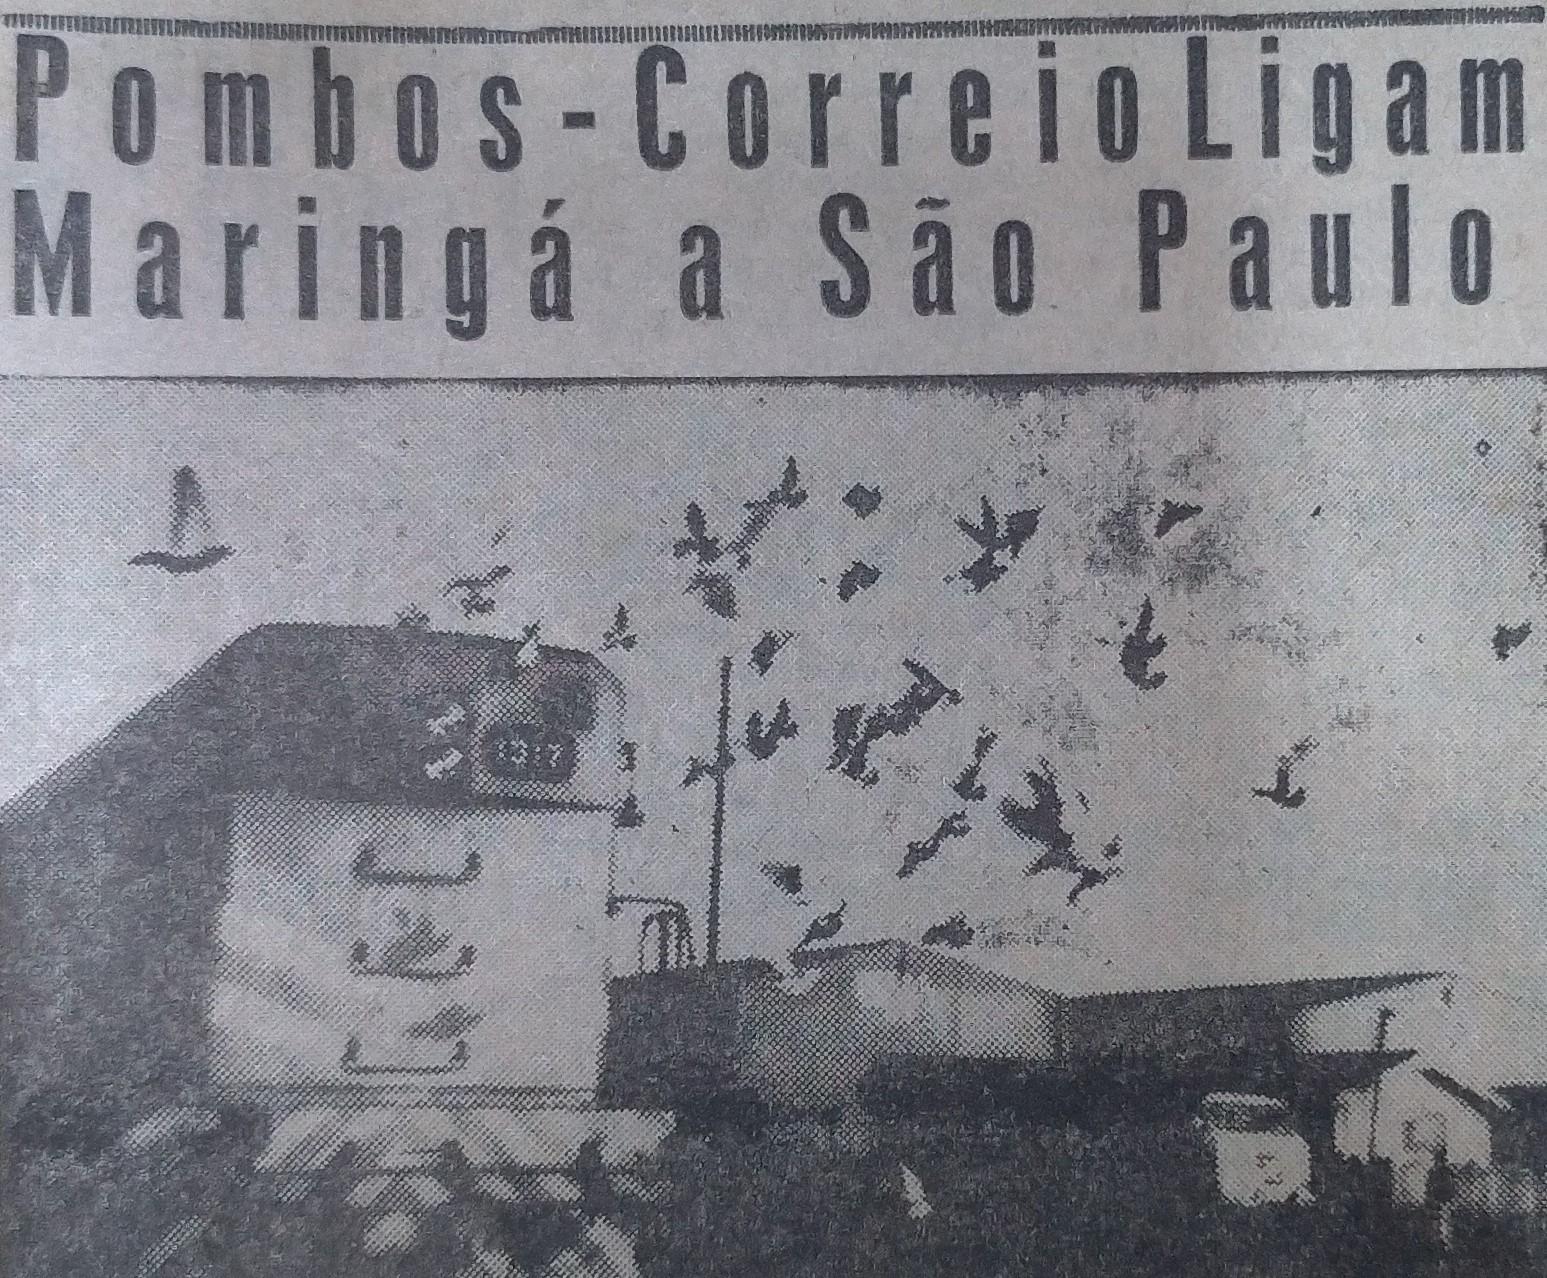 Pombos-correios - Julho de 1963